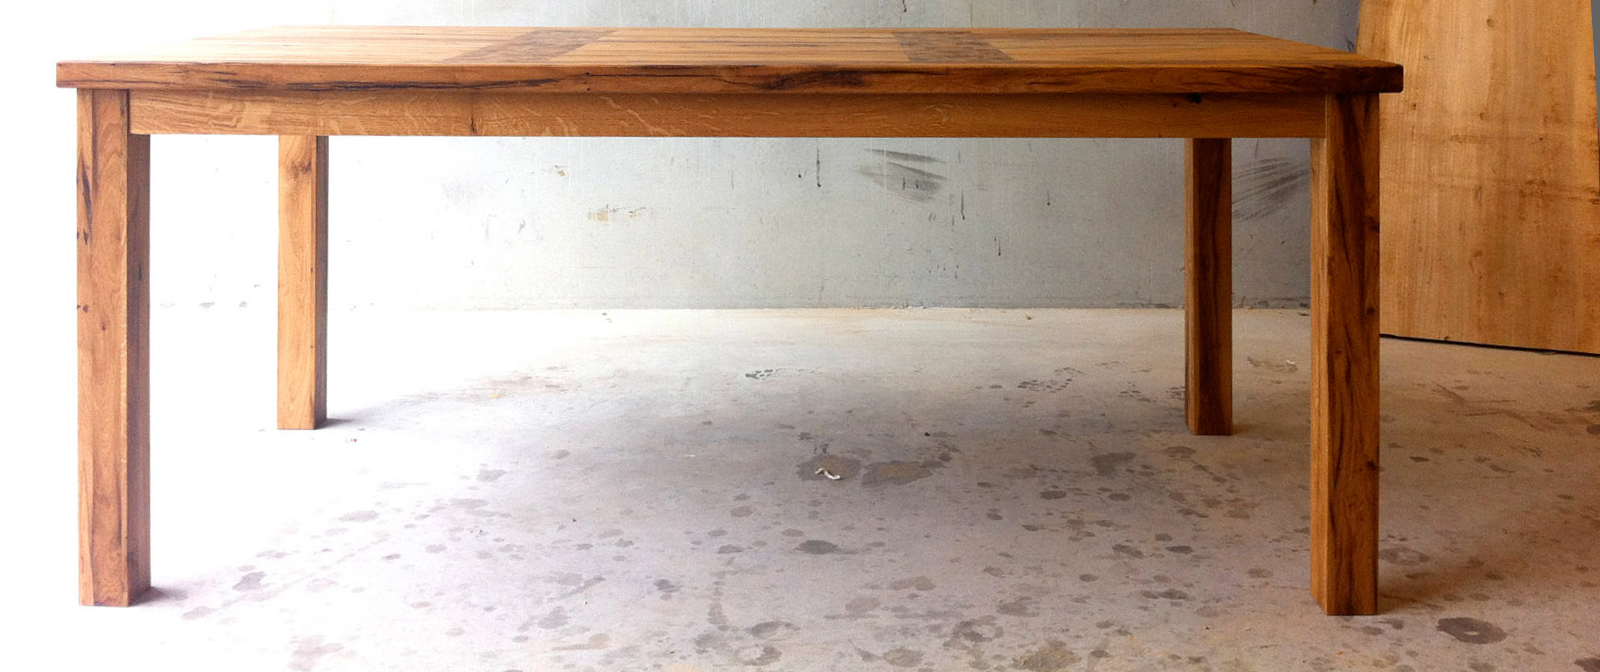 Tafel uit oude eiken balken